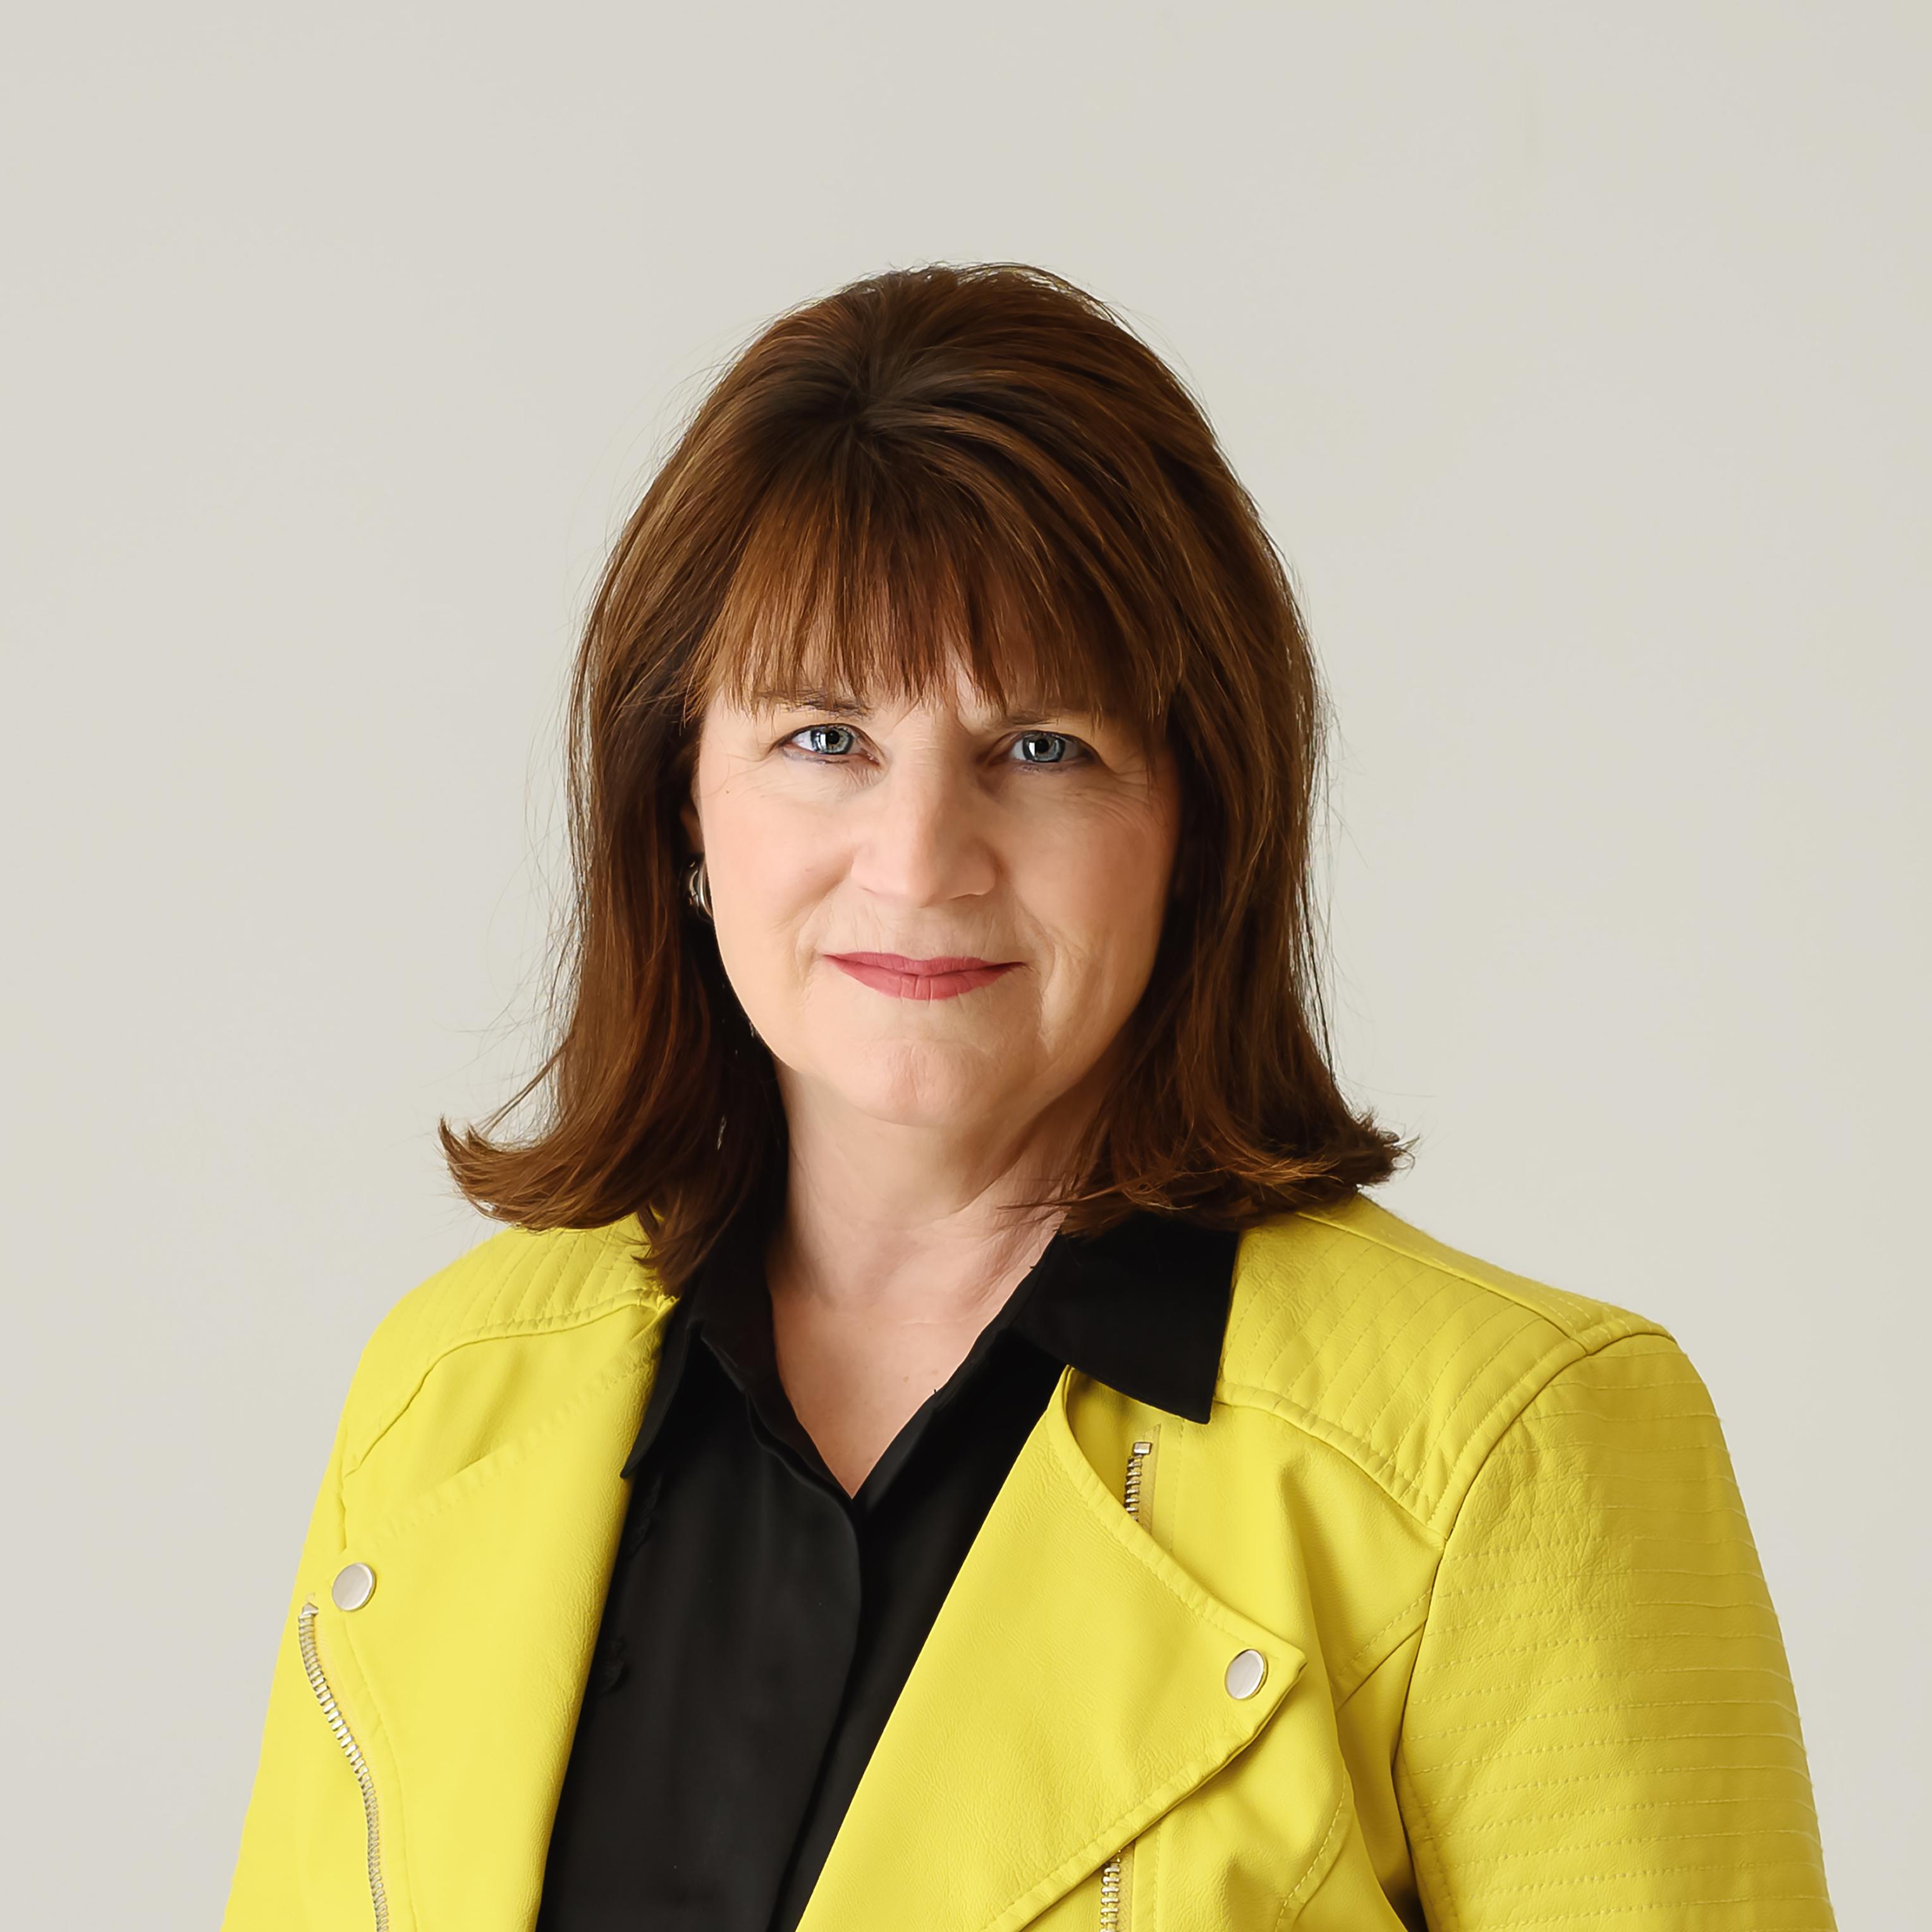 Angela Propp Schmitt